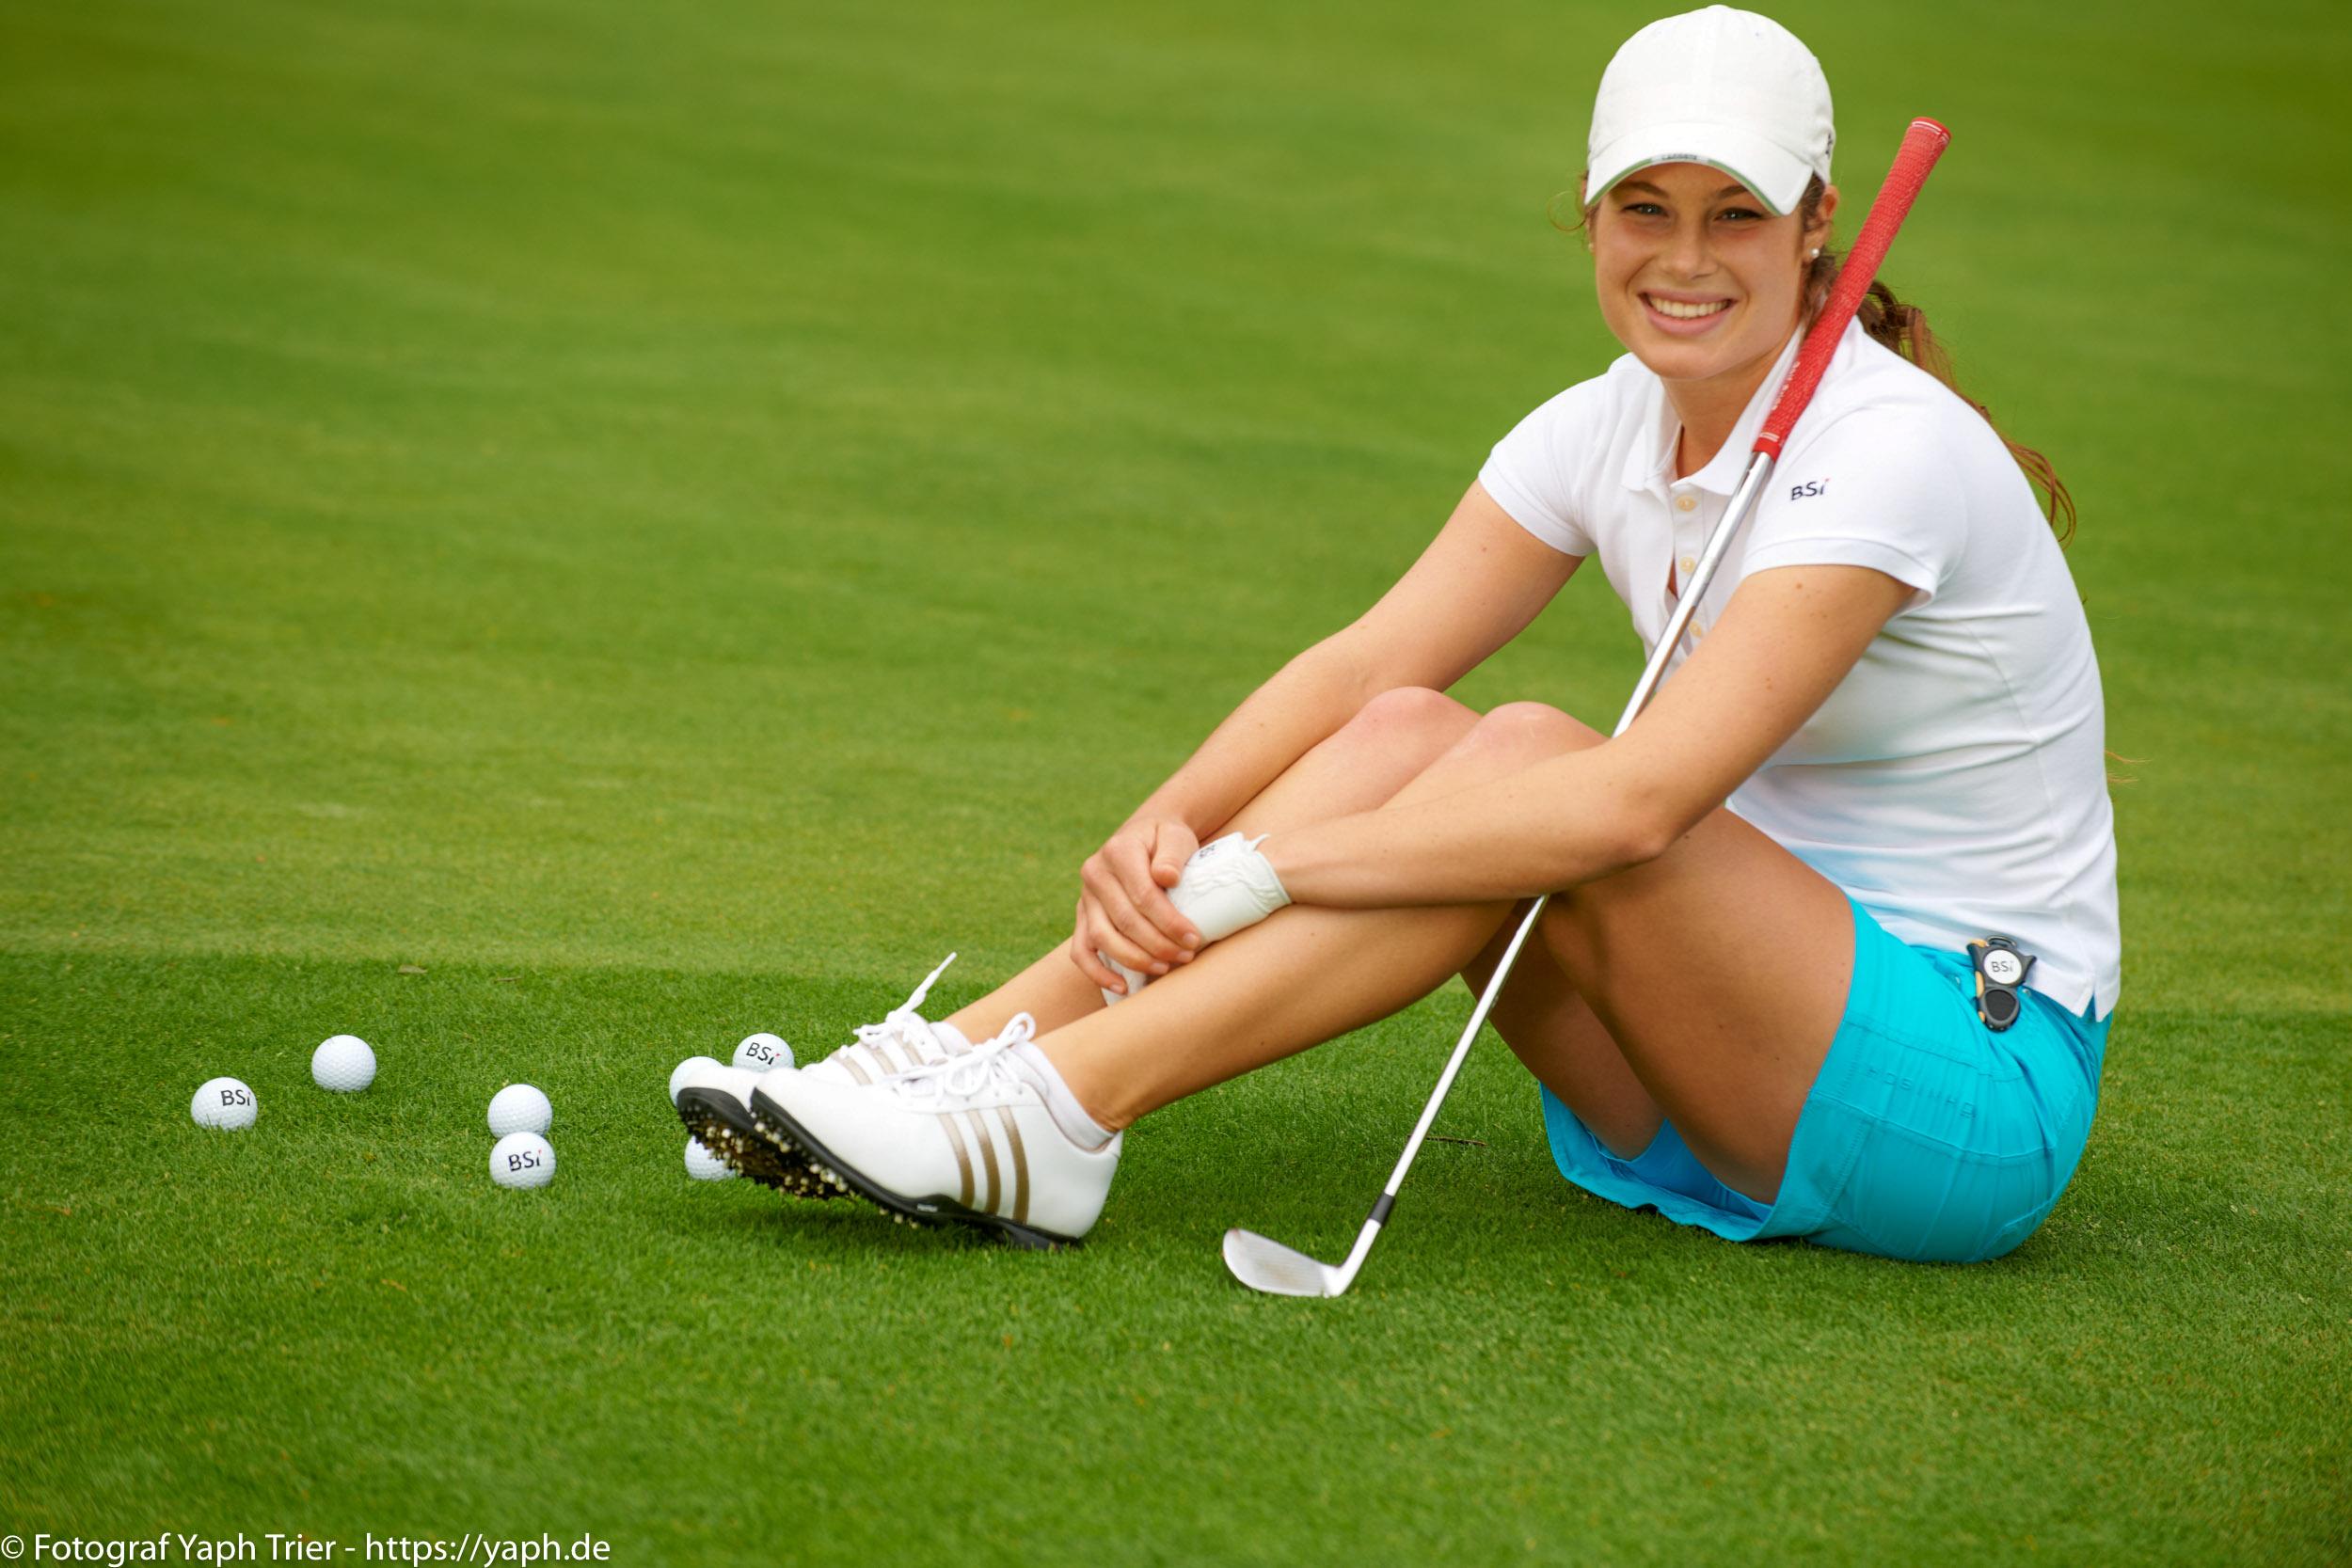 Liebelei Elena Lawrence - luxemburger Golfspielerin bei Fotograf Yaph - 30